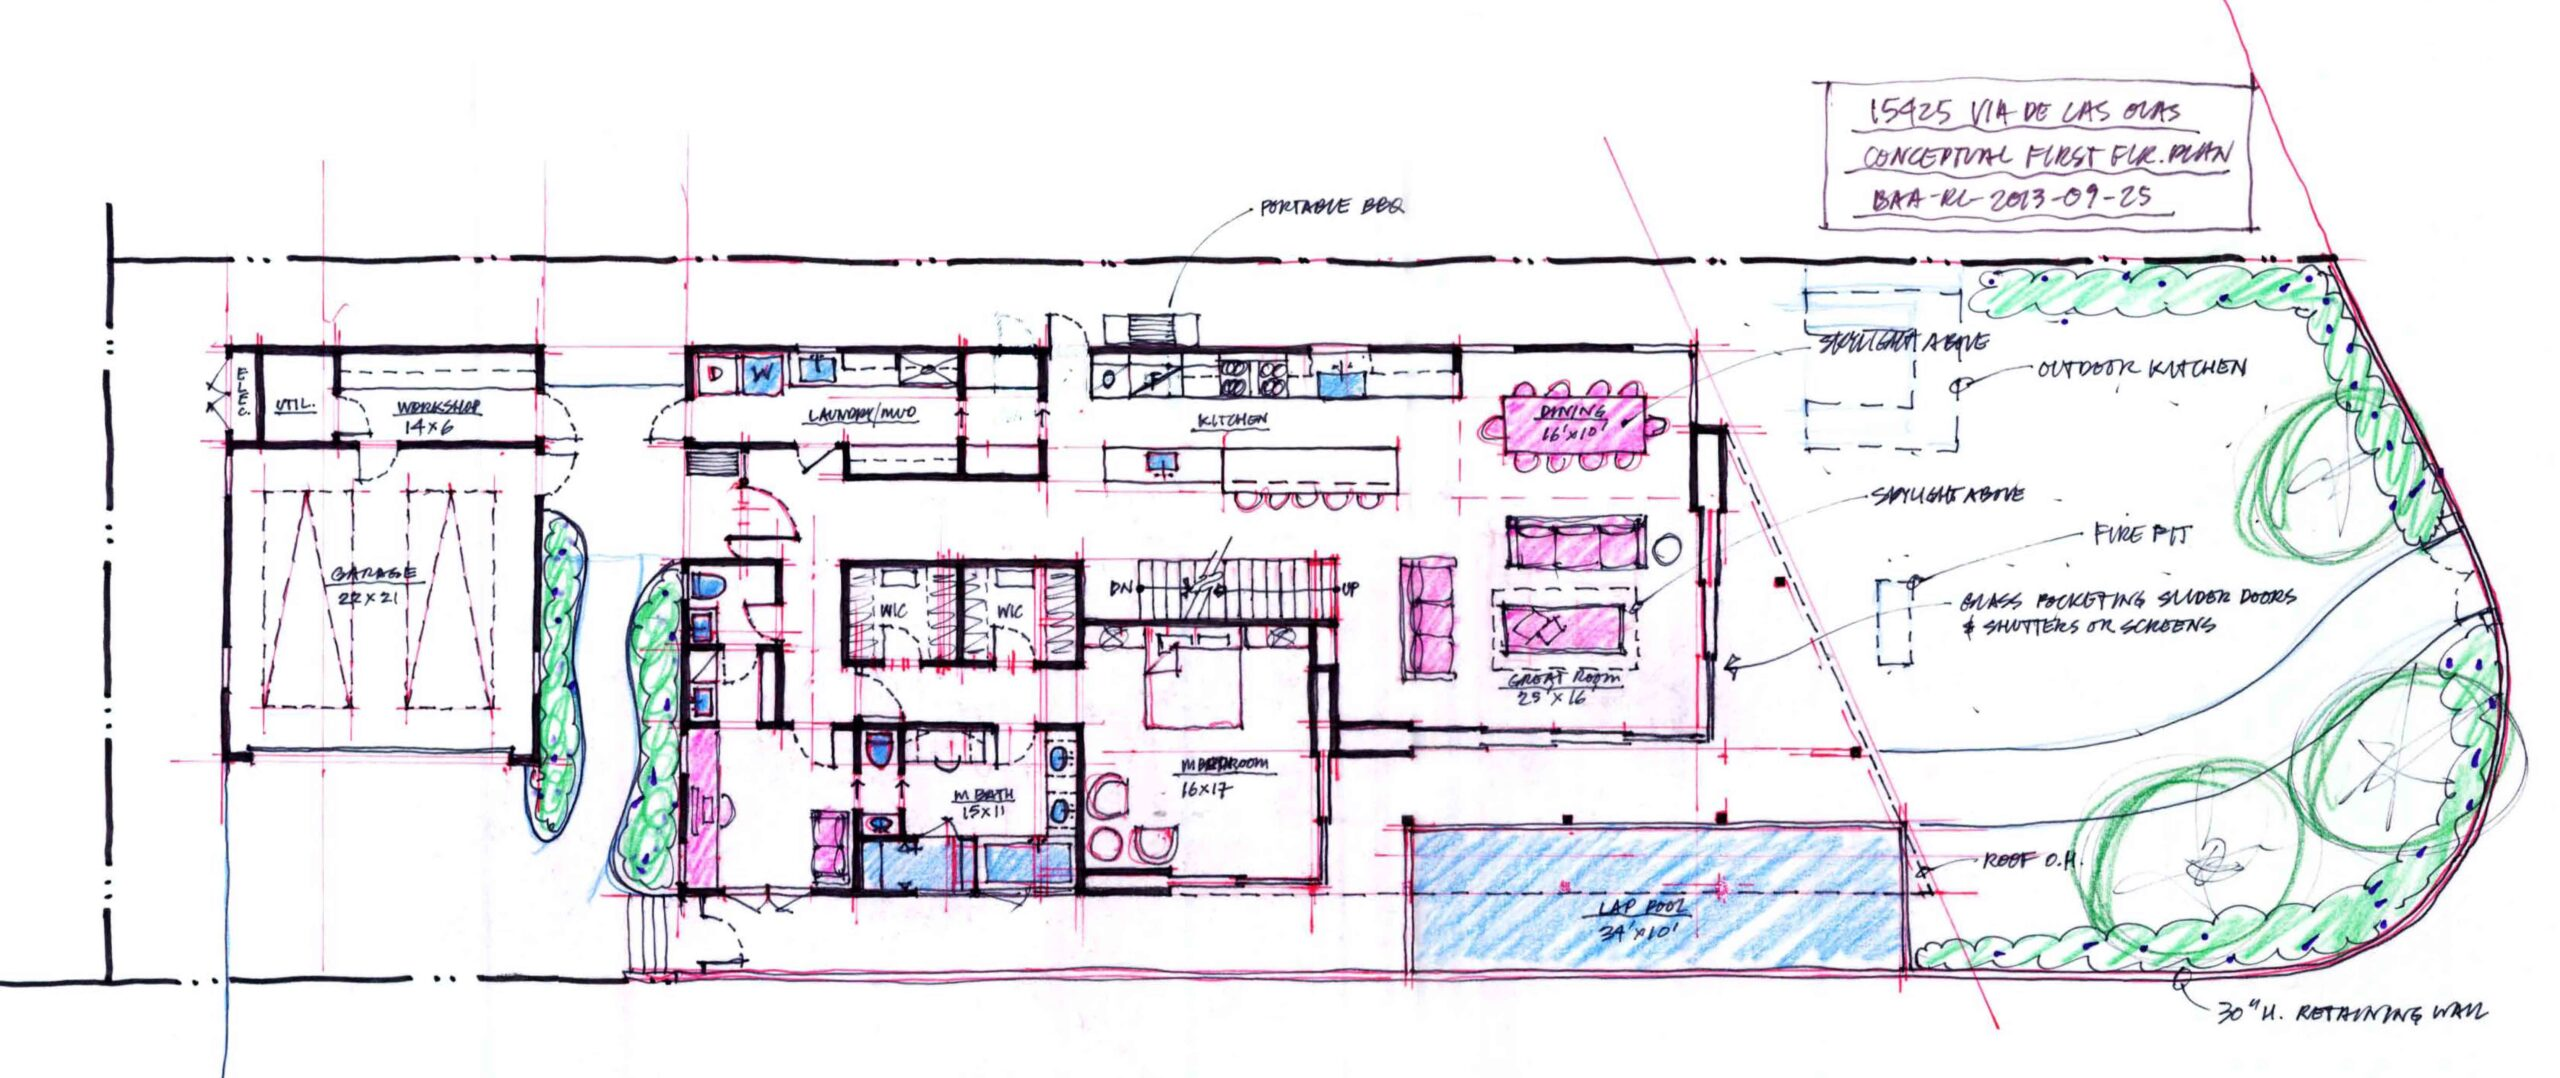 15425 Via de Las Olas-1st Floor Plan copy